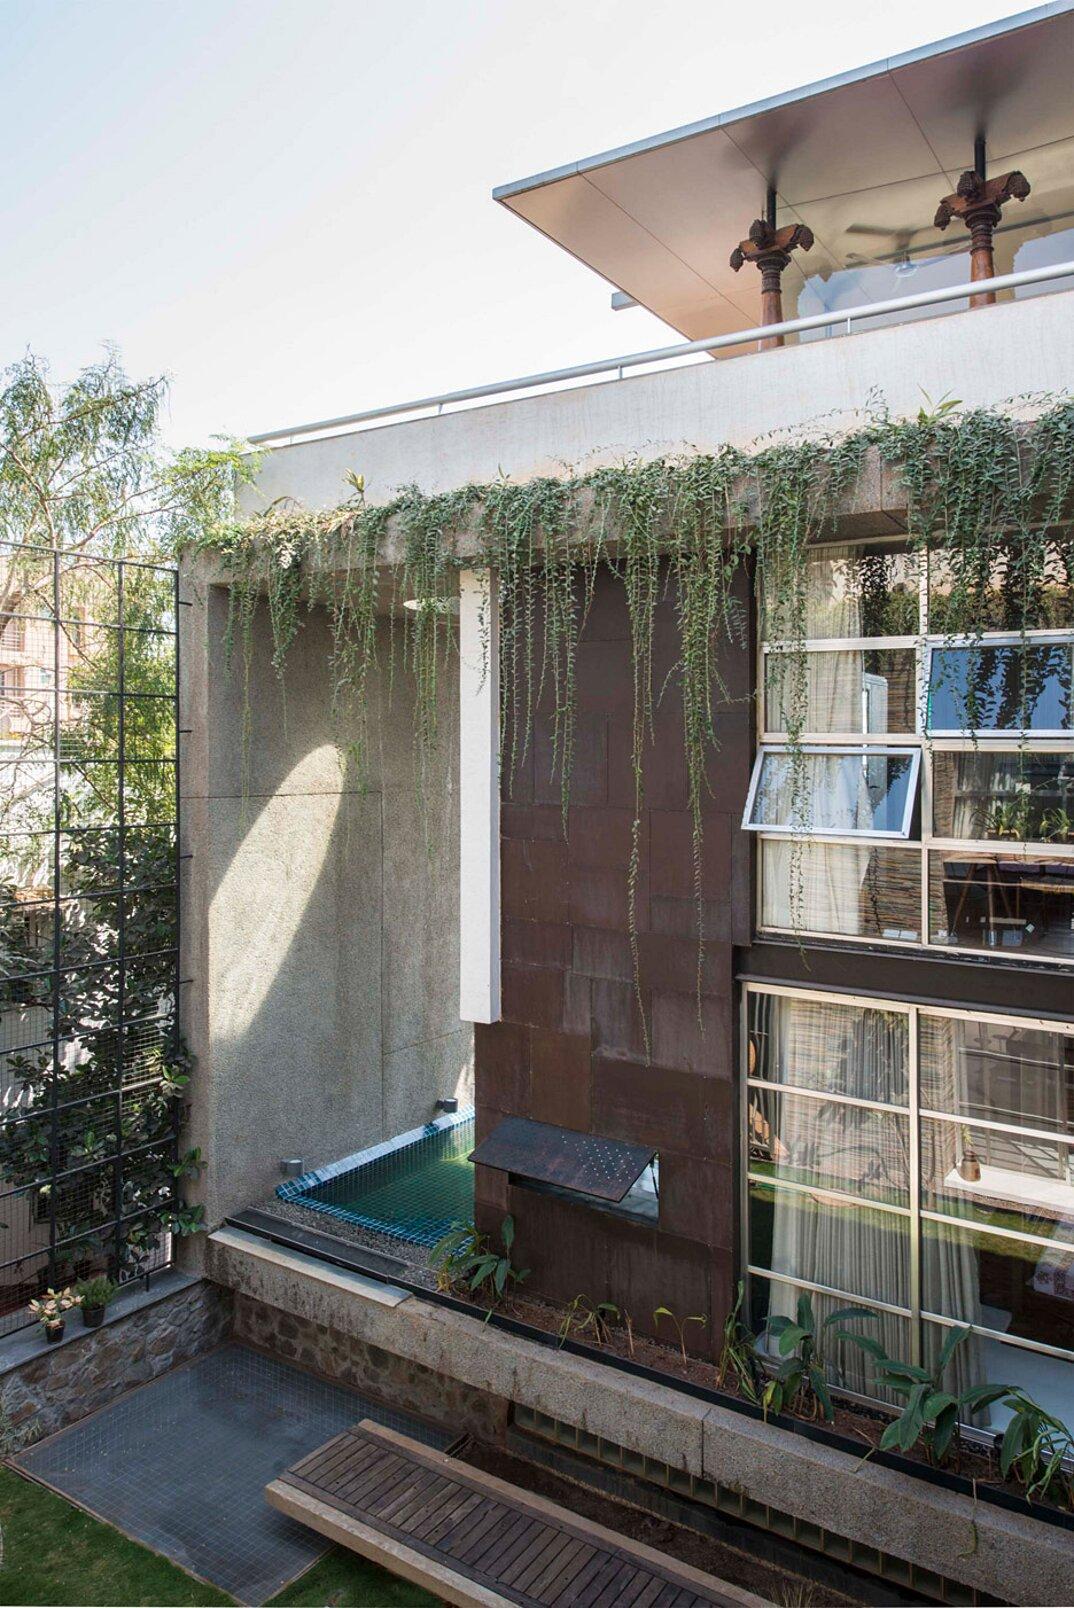 edificio-materiali-riciclati-architettura-sostenibile-mumbai-sps-architects-28